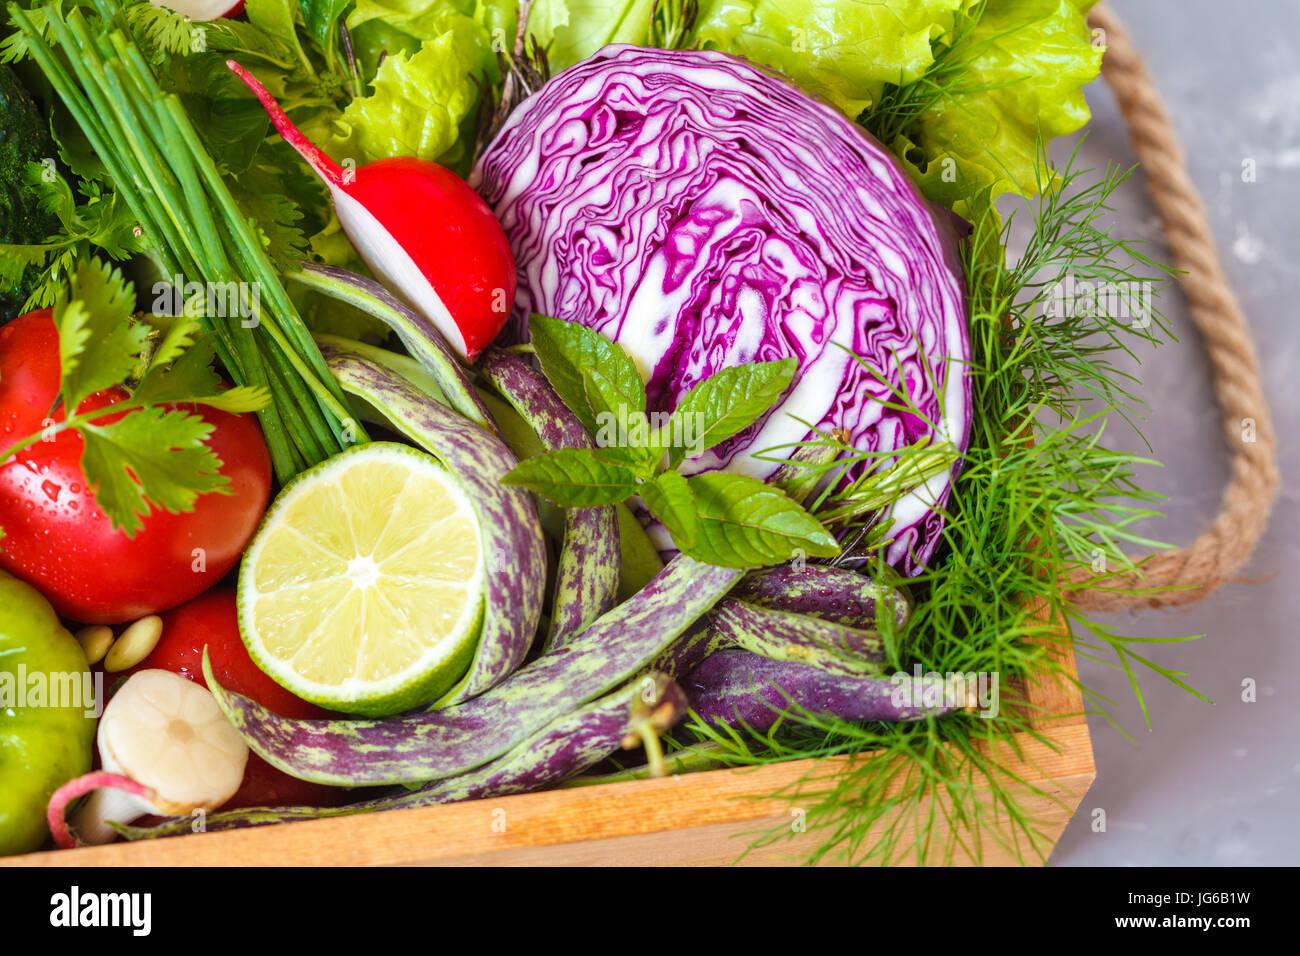 Sommergemüse in einer Holzkiste. Liebe für eine gesunde vegane Ernährung Konzept. Stockbild